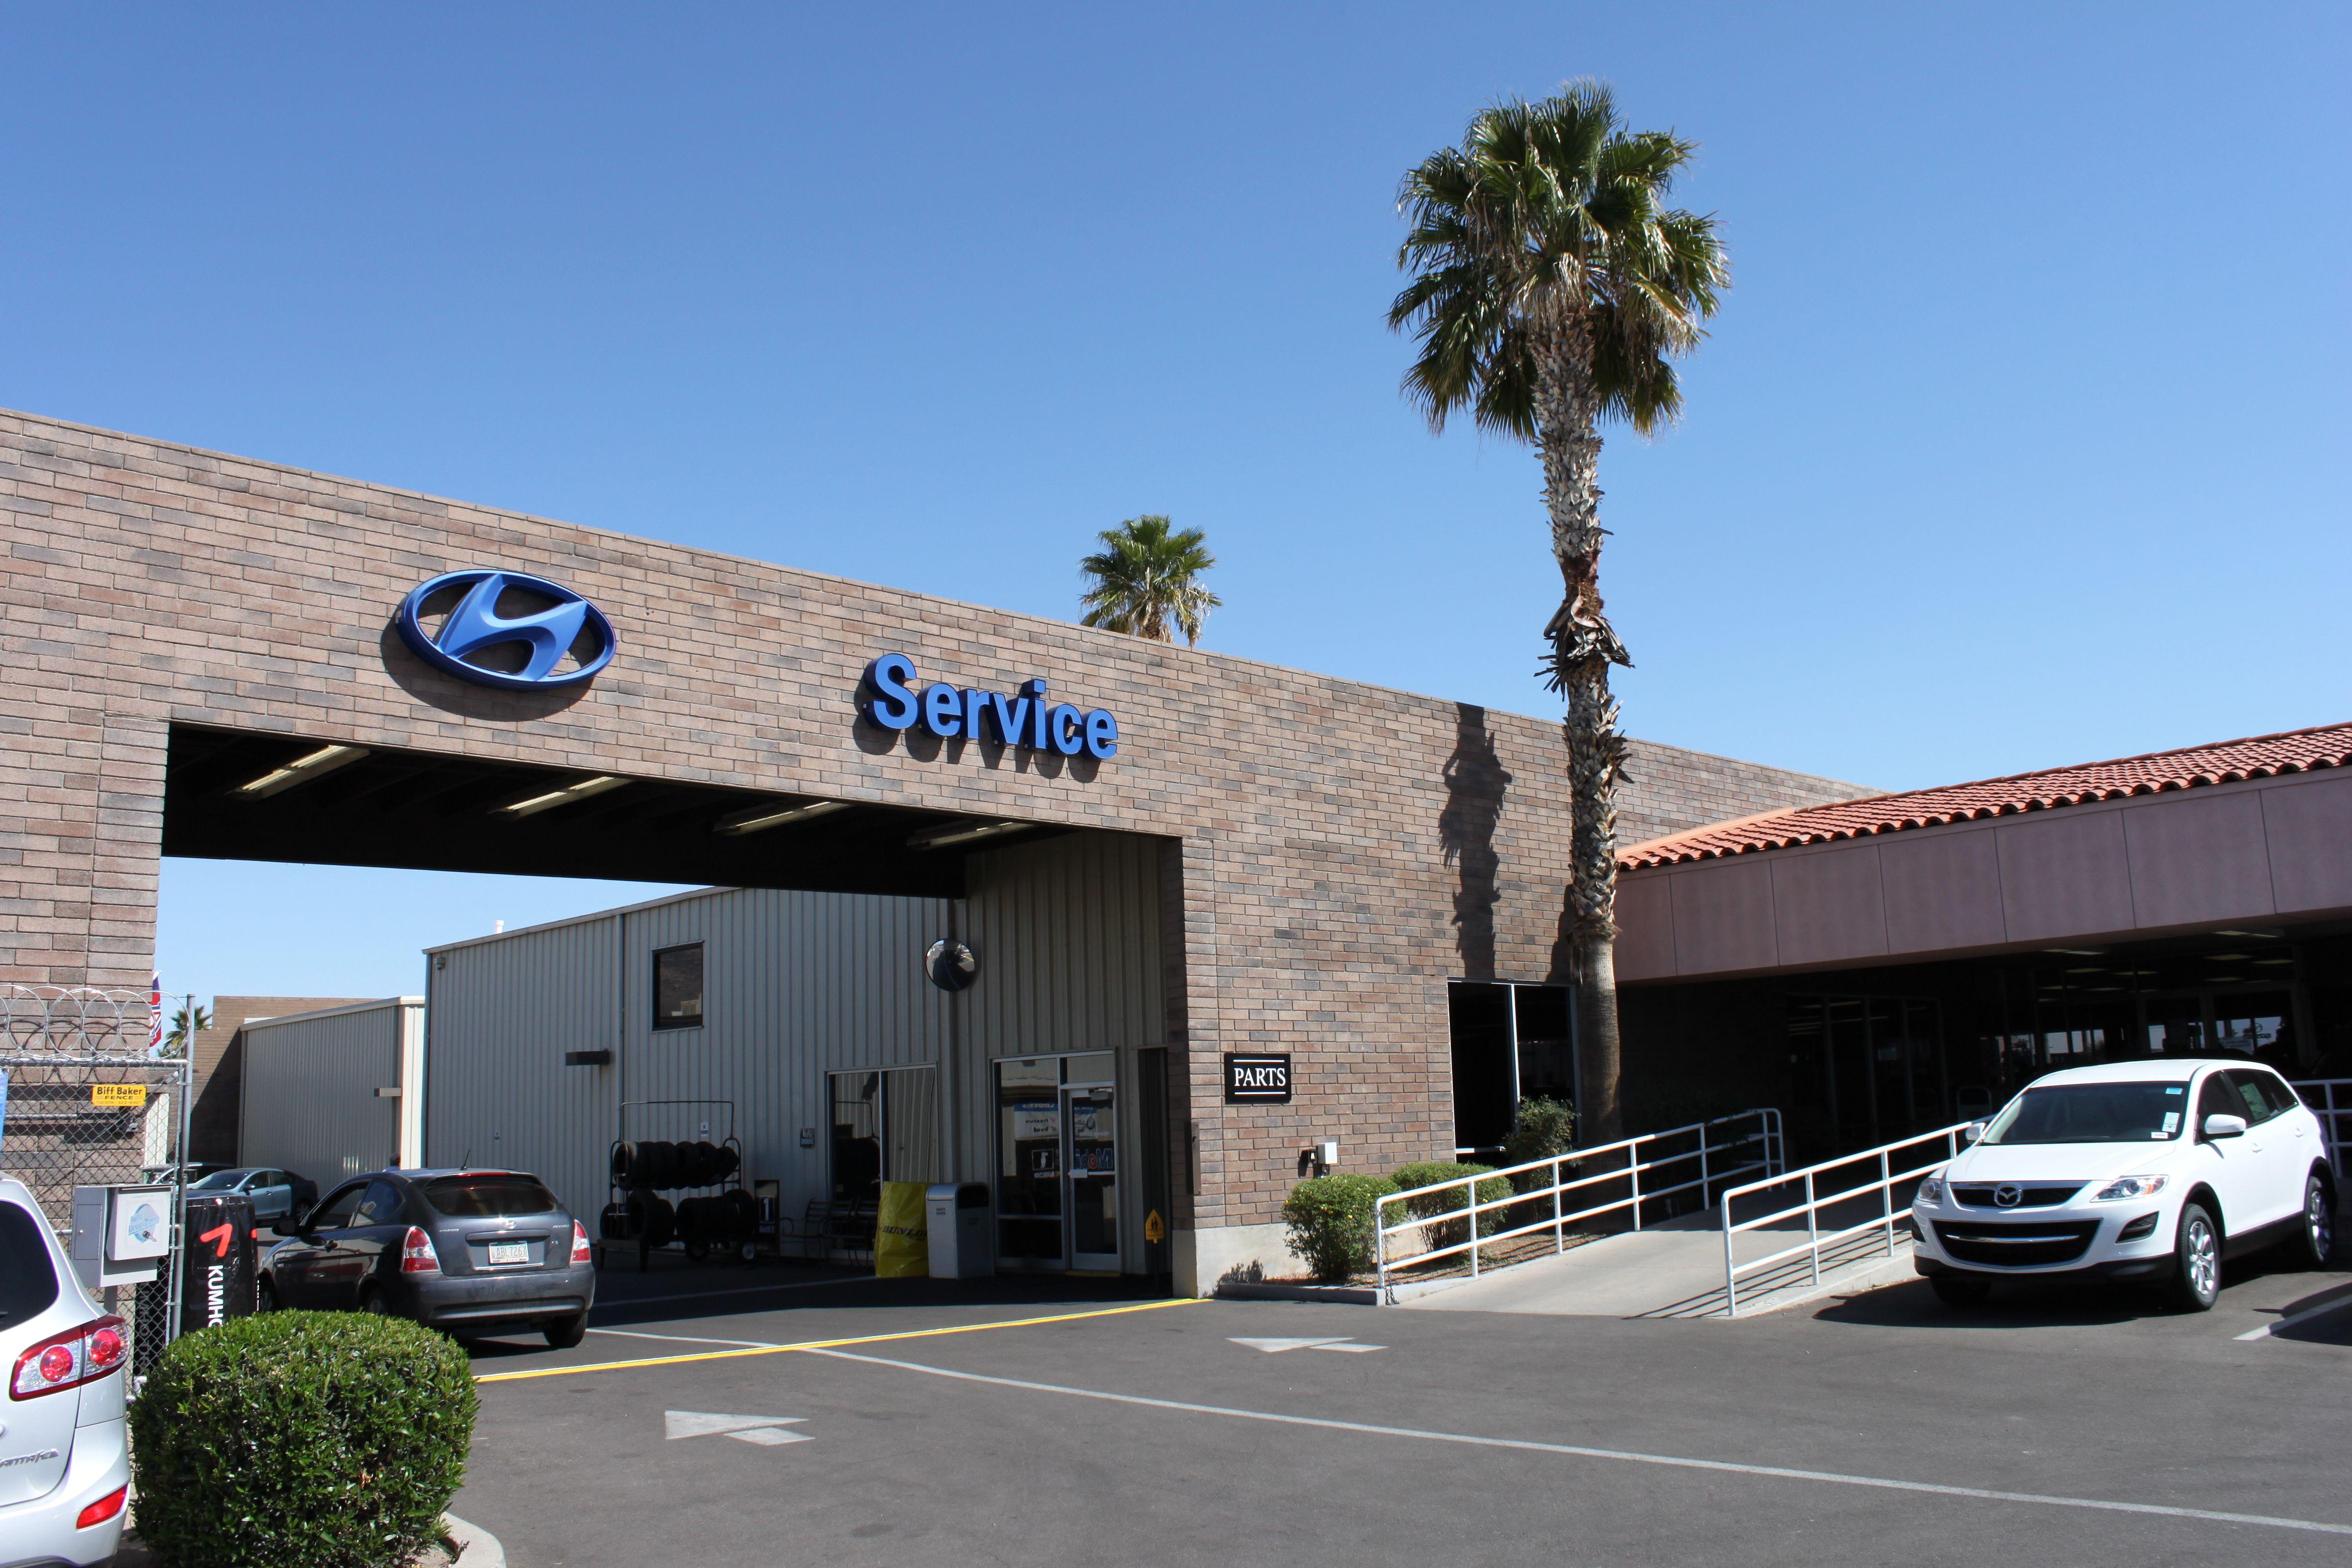 Superior The Jim Click Hyundai Auto Mall Is Located At Tucson Auto Mall In Tucson  Arizona.